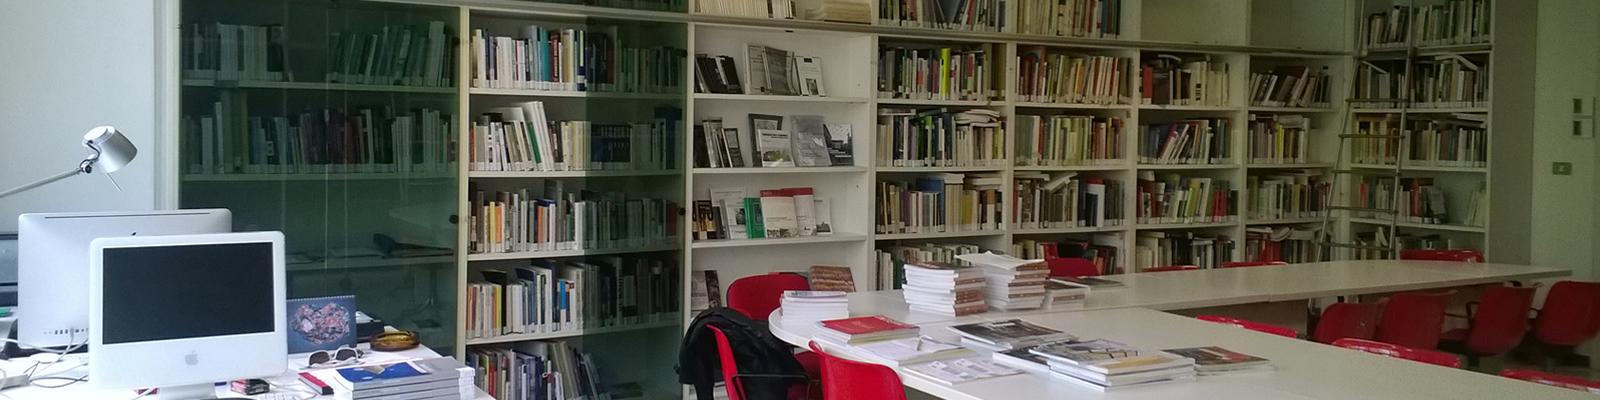 Biblioteche del Dip. di Architettura - Sez. DePT-Design e Progettazione Tecnologica